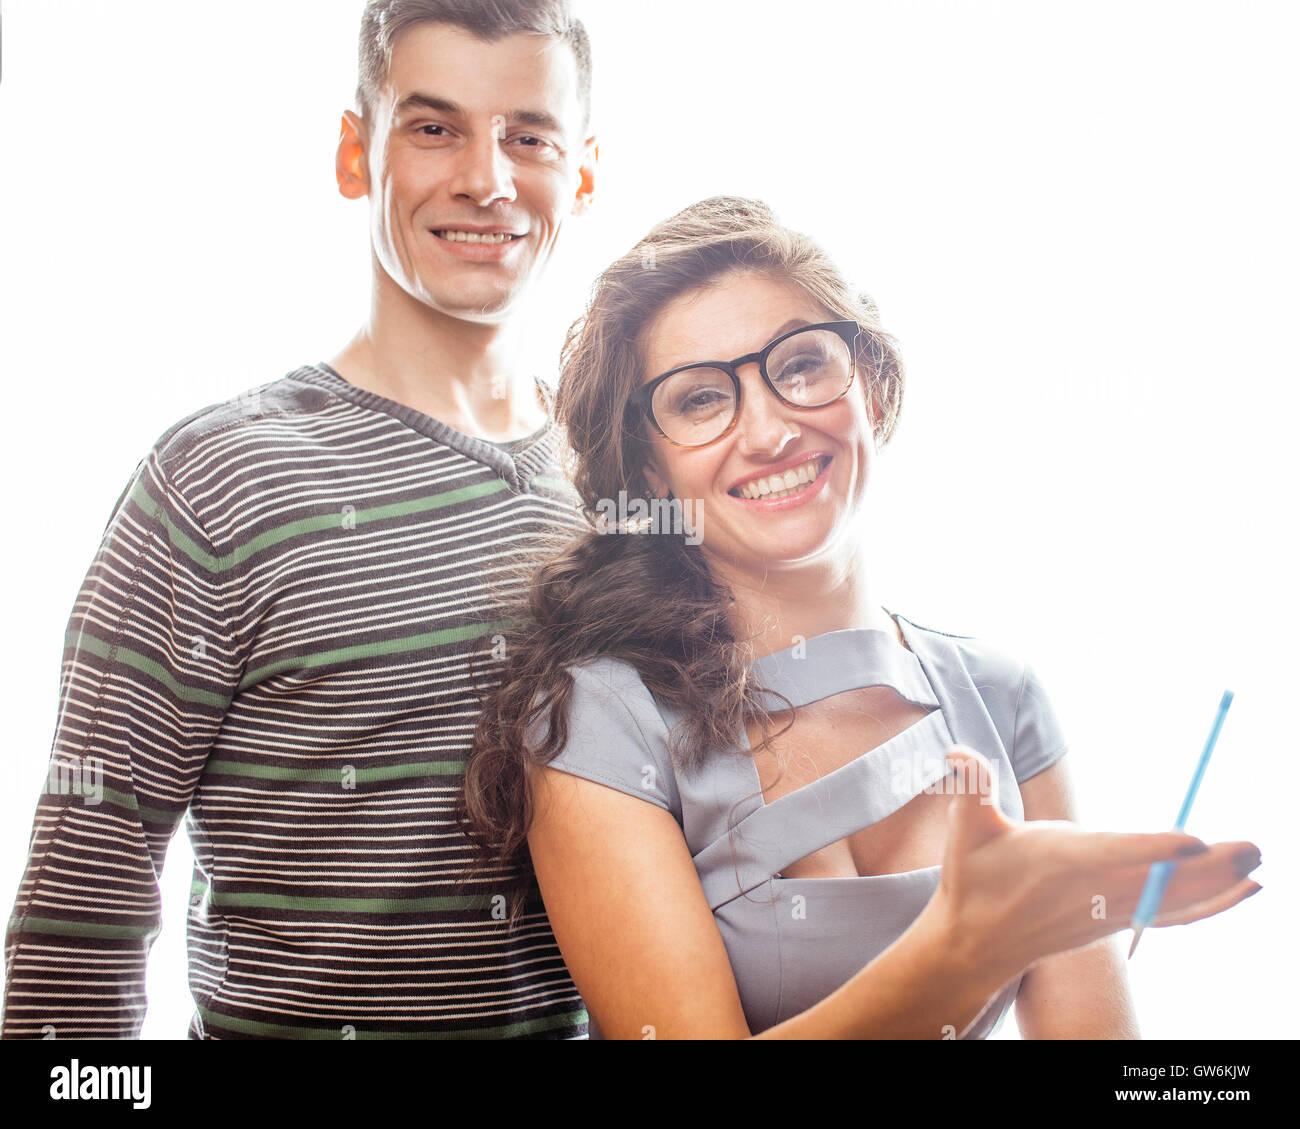 Liebe am Arbeitsplatz, junge hübsche Paar, Mann und Frau